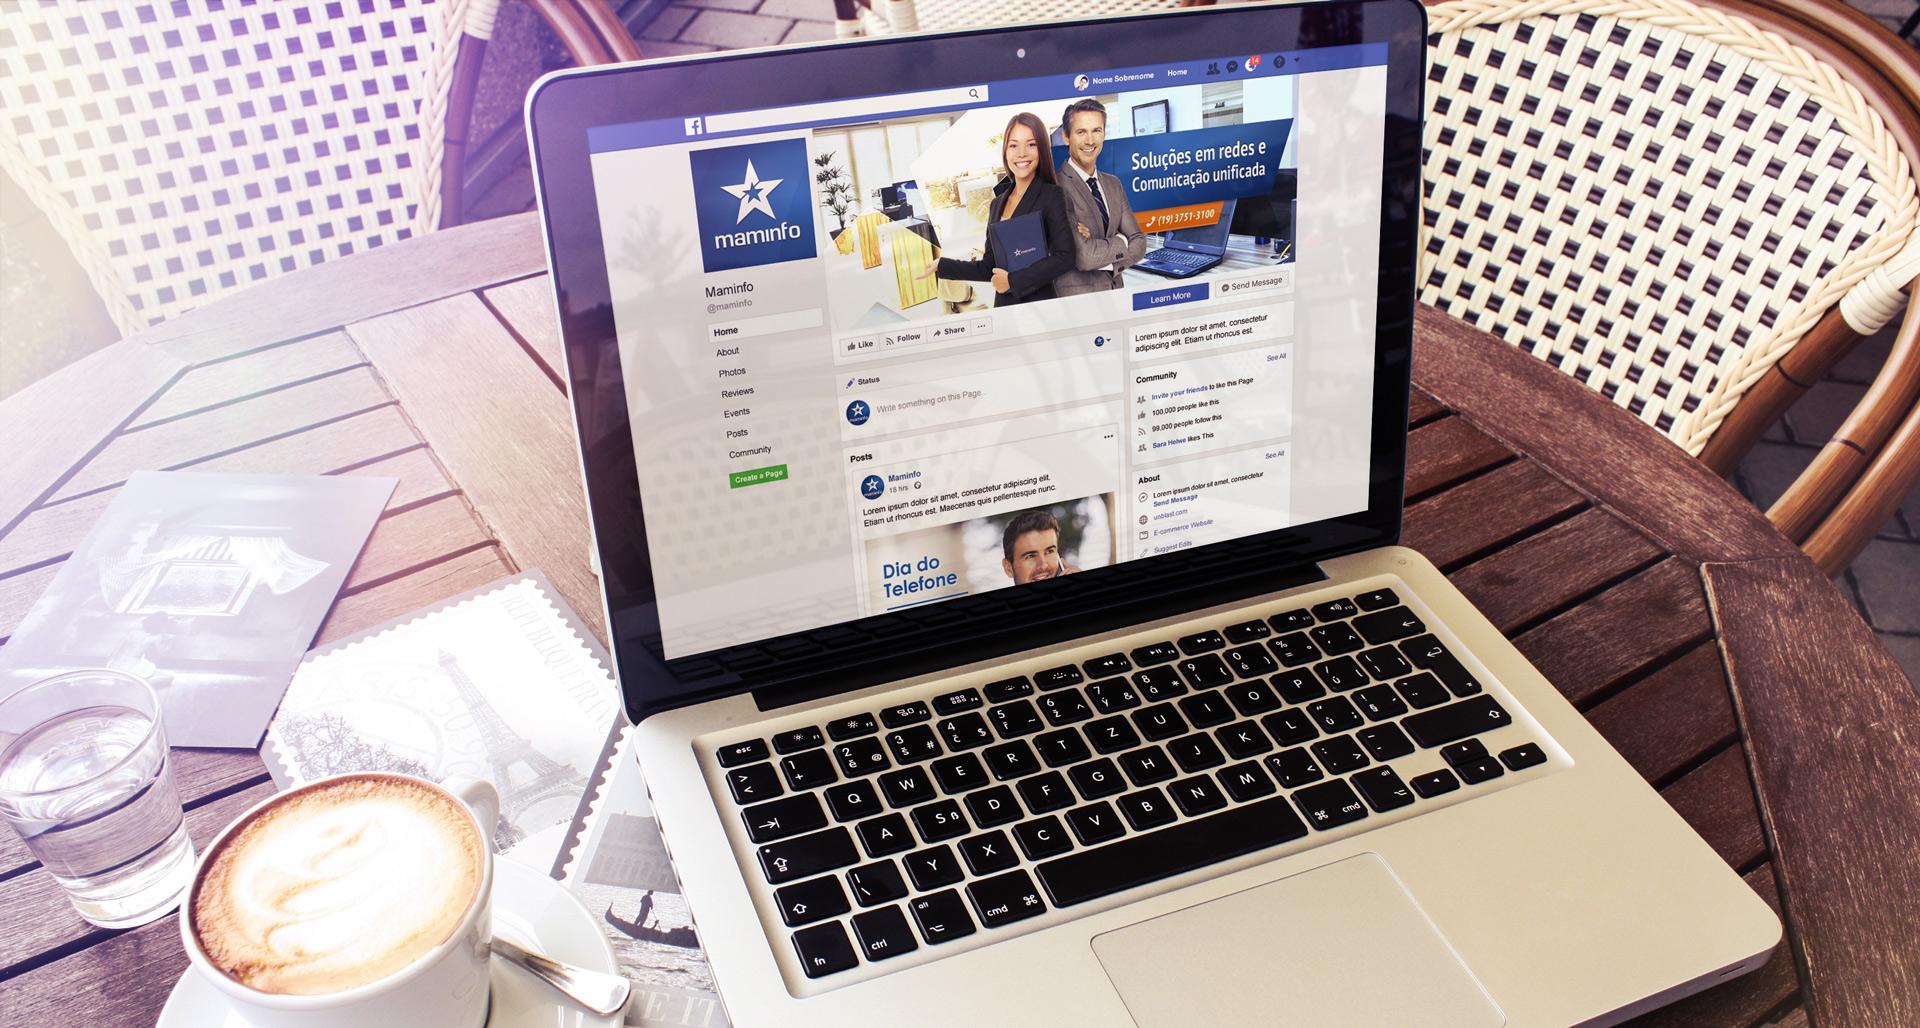 Personalização e gestão de Rede Social